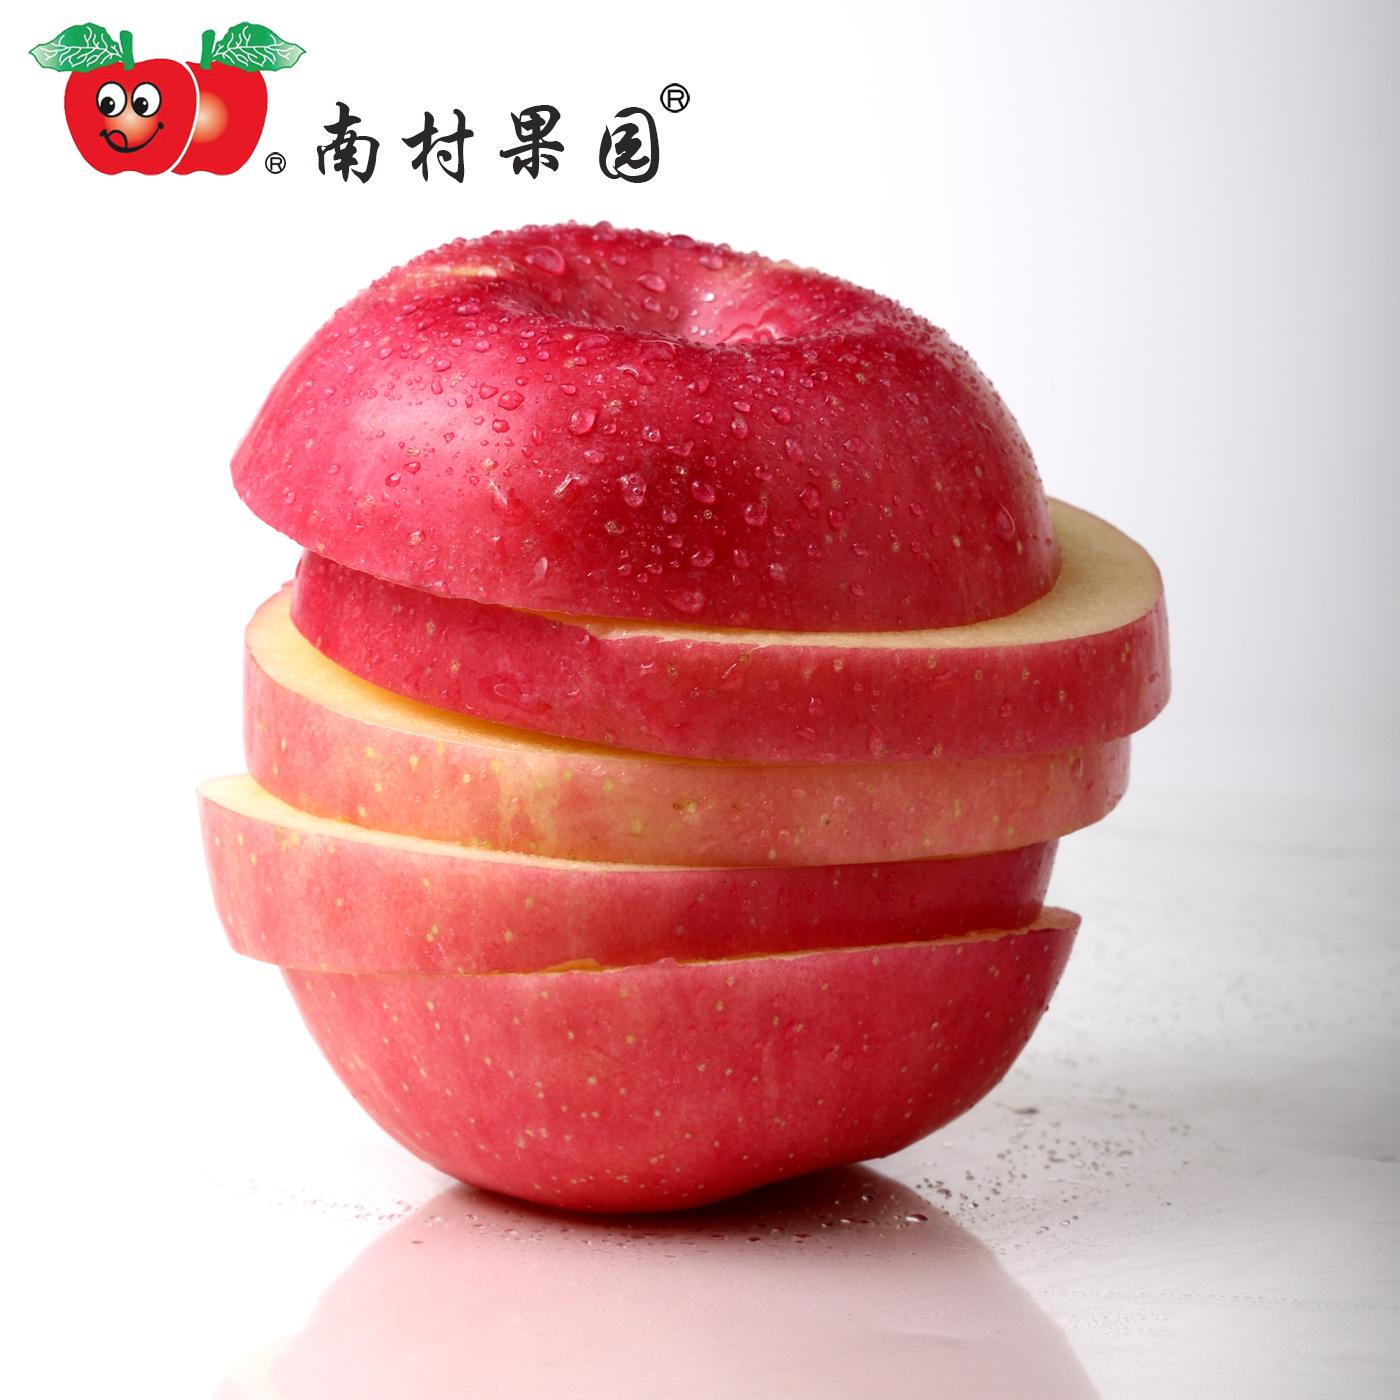 山东烟台栖霞红富士南村果园DDD8斤12粒装特大富士苹果水果新鲜